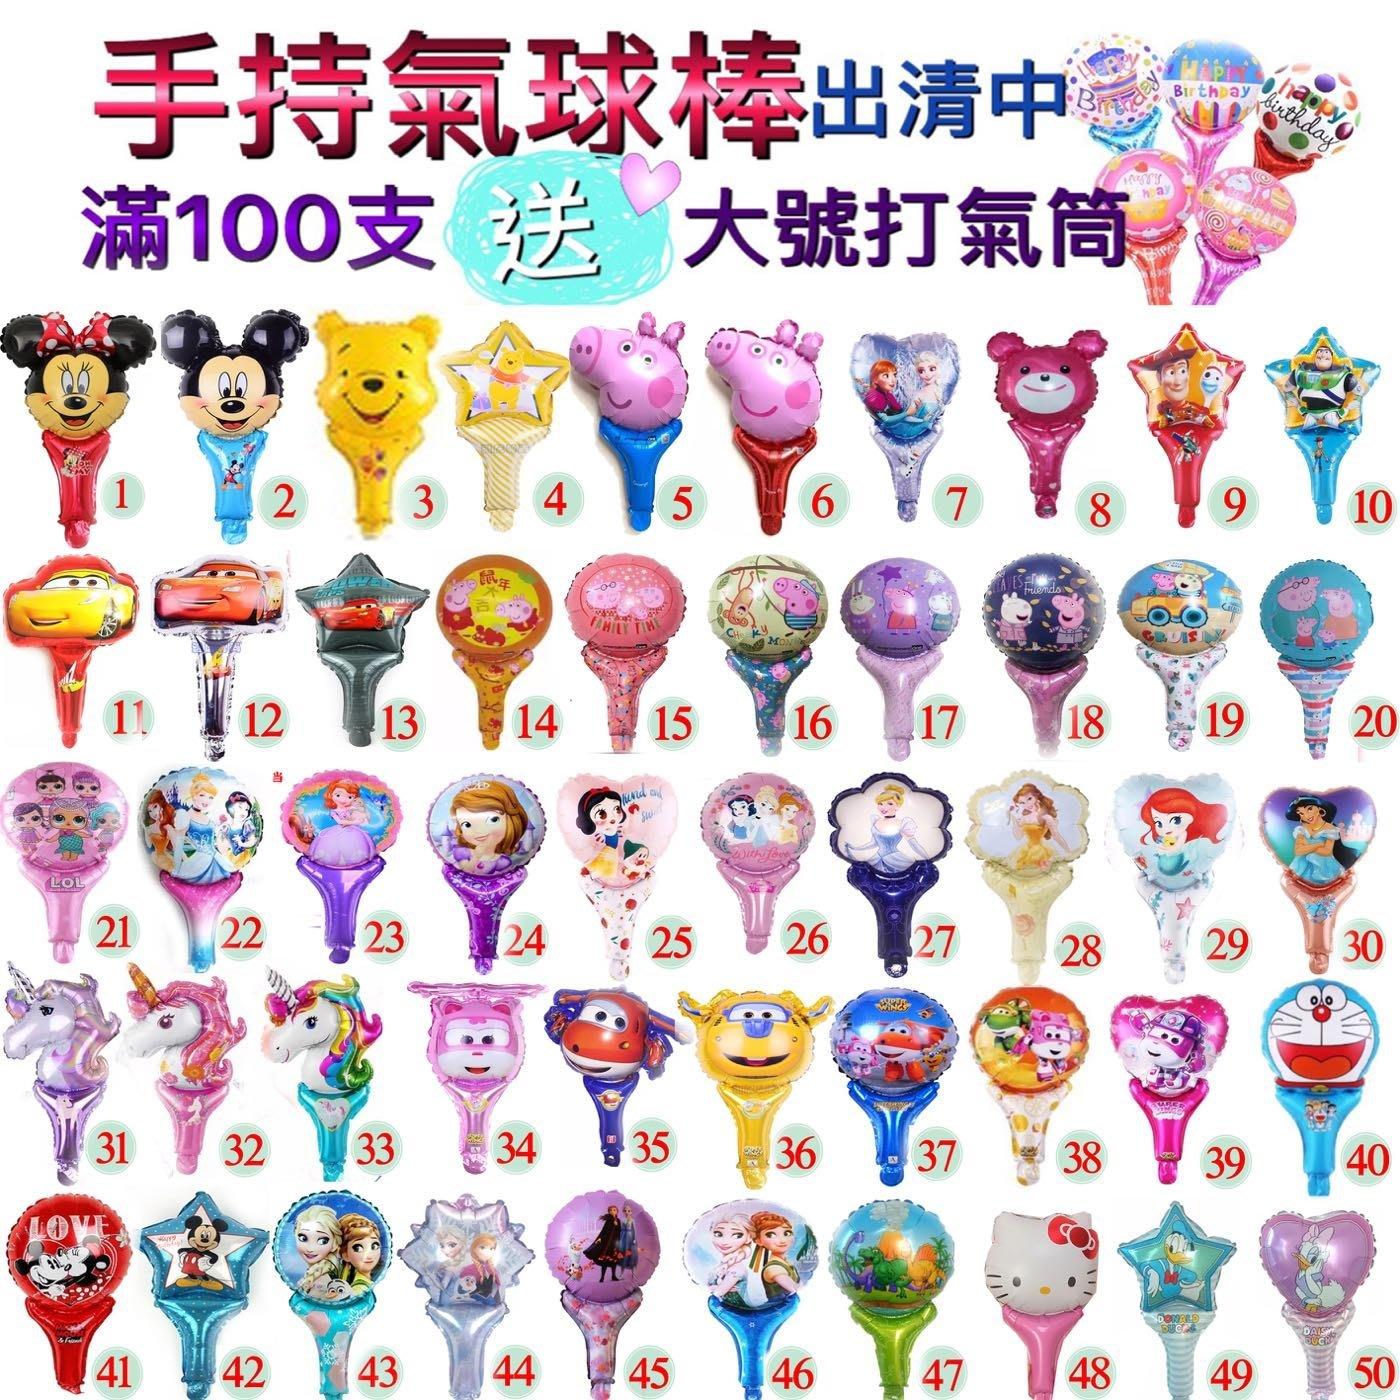 卡通氣球手持棒/加油棒/打擊棒 /冰雪奇緣 佩佩豬 蘇菲亞 鋁箔氣球 贈品 婚禮小物 生日派對